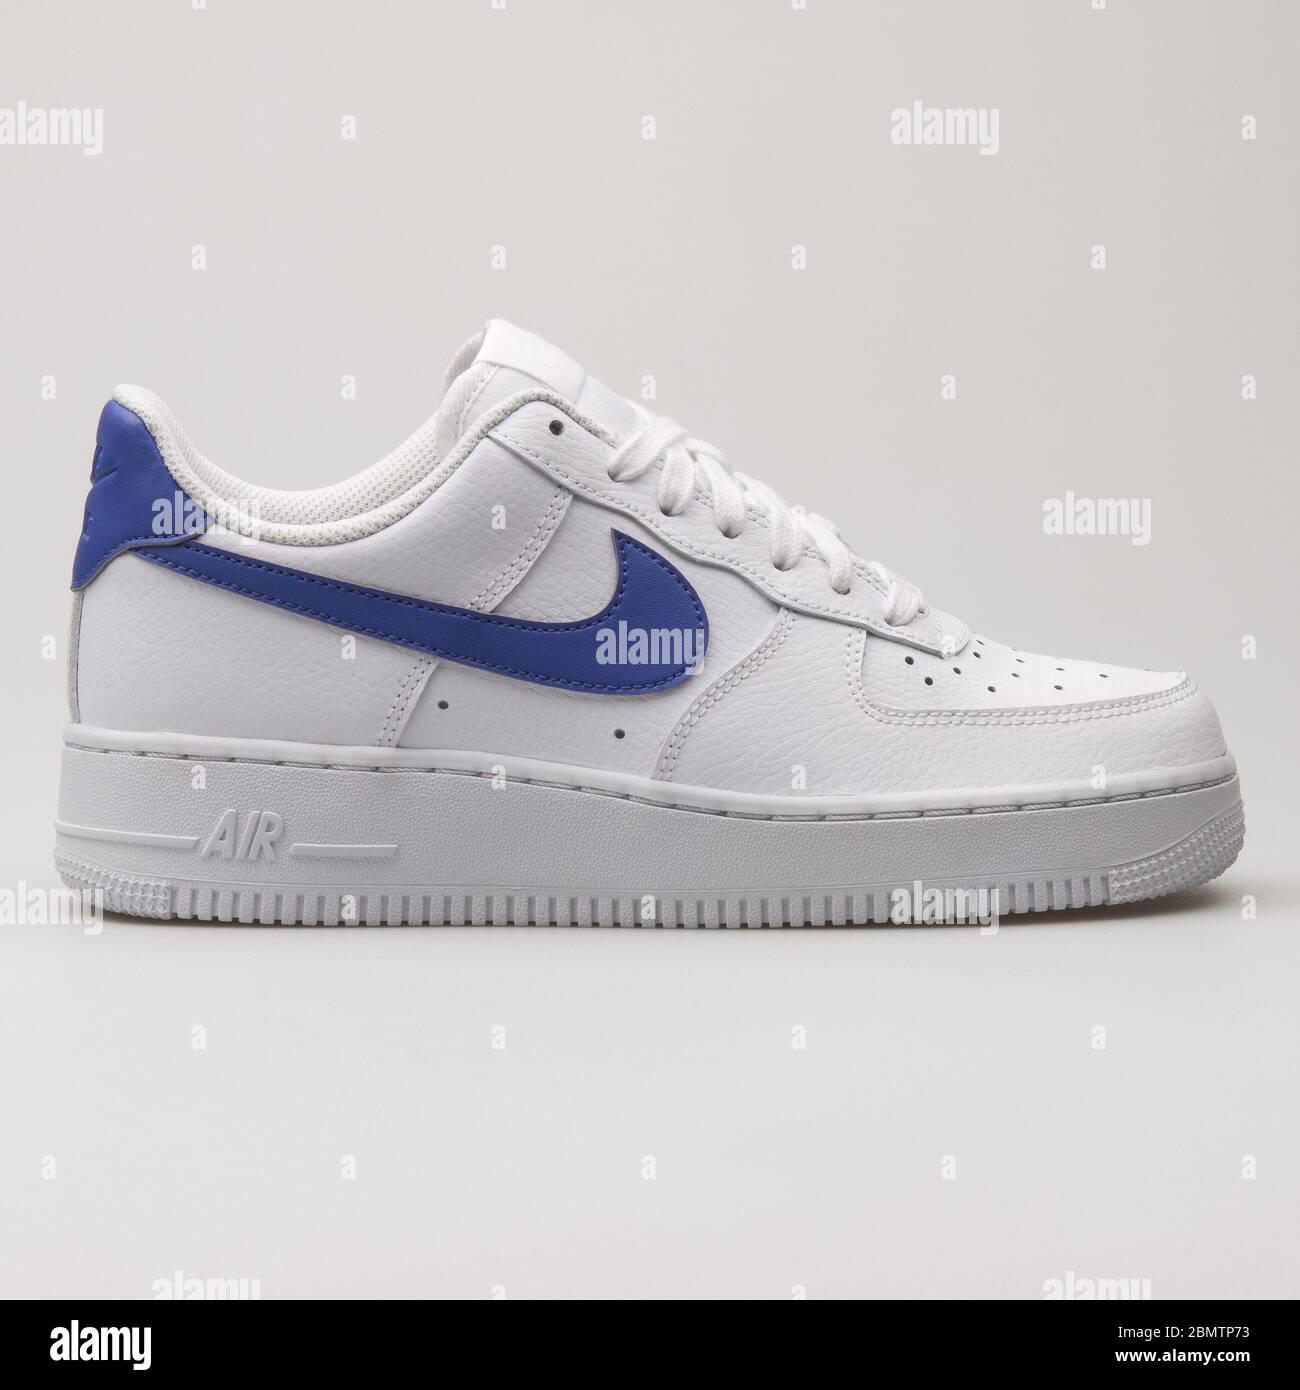 air force 1 blu